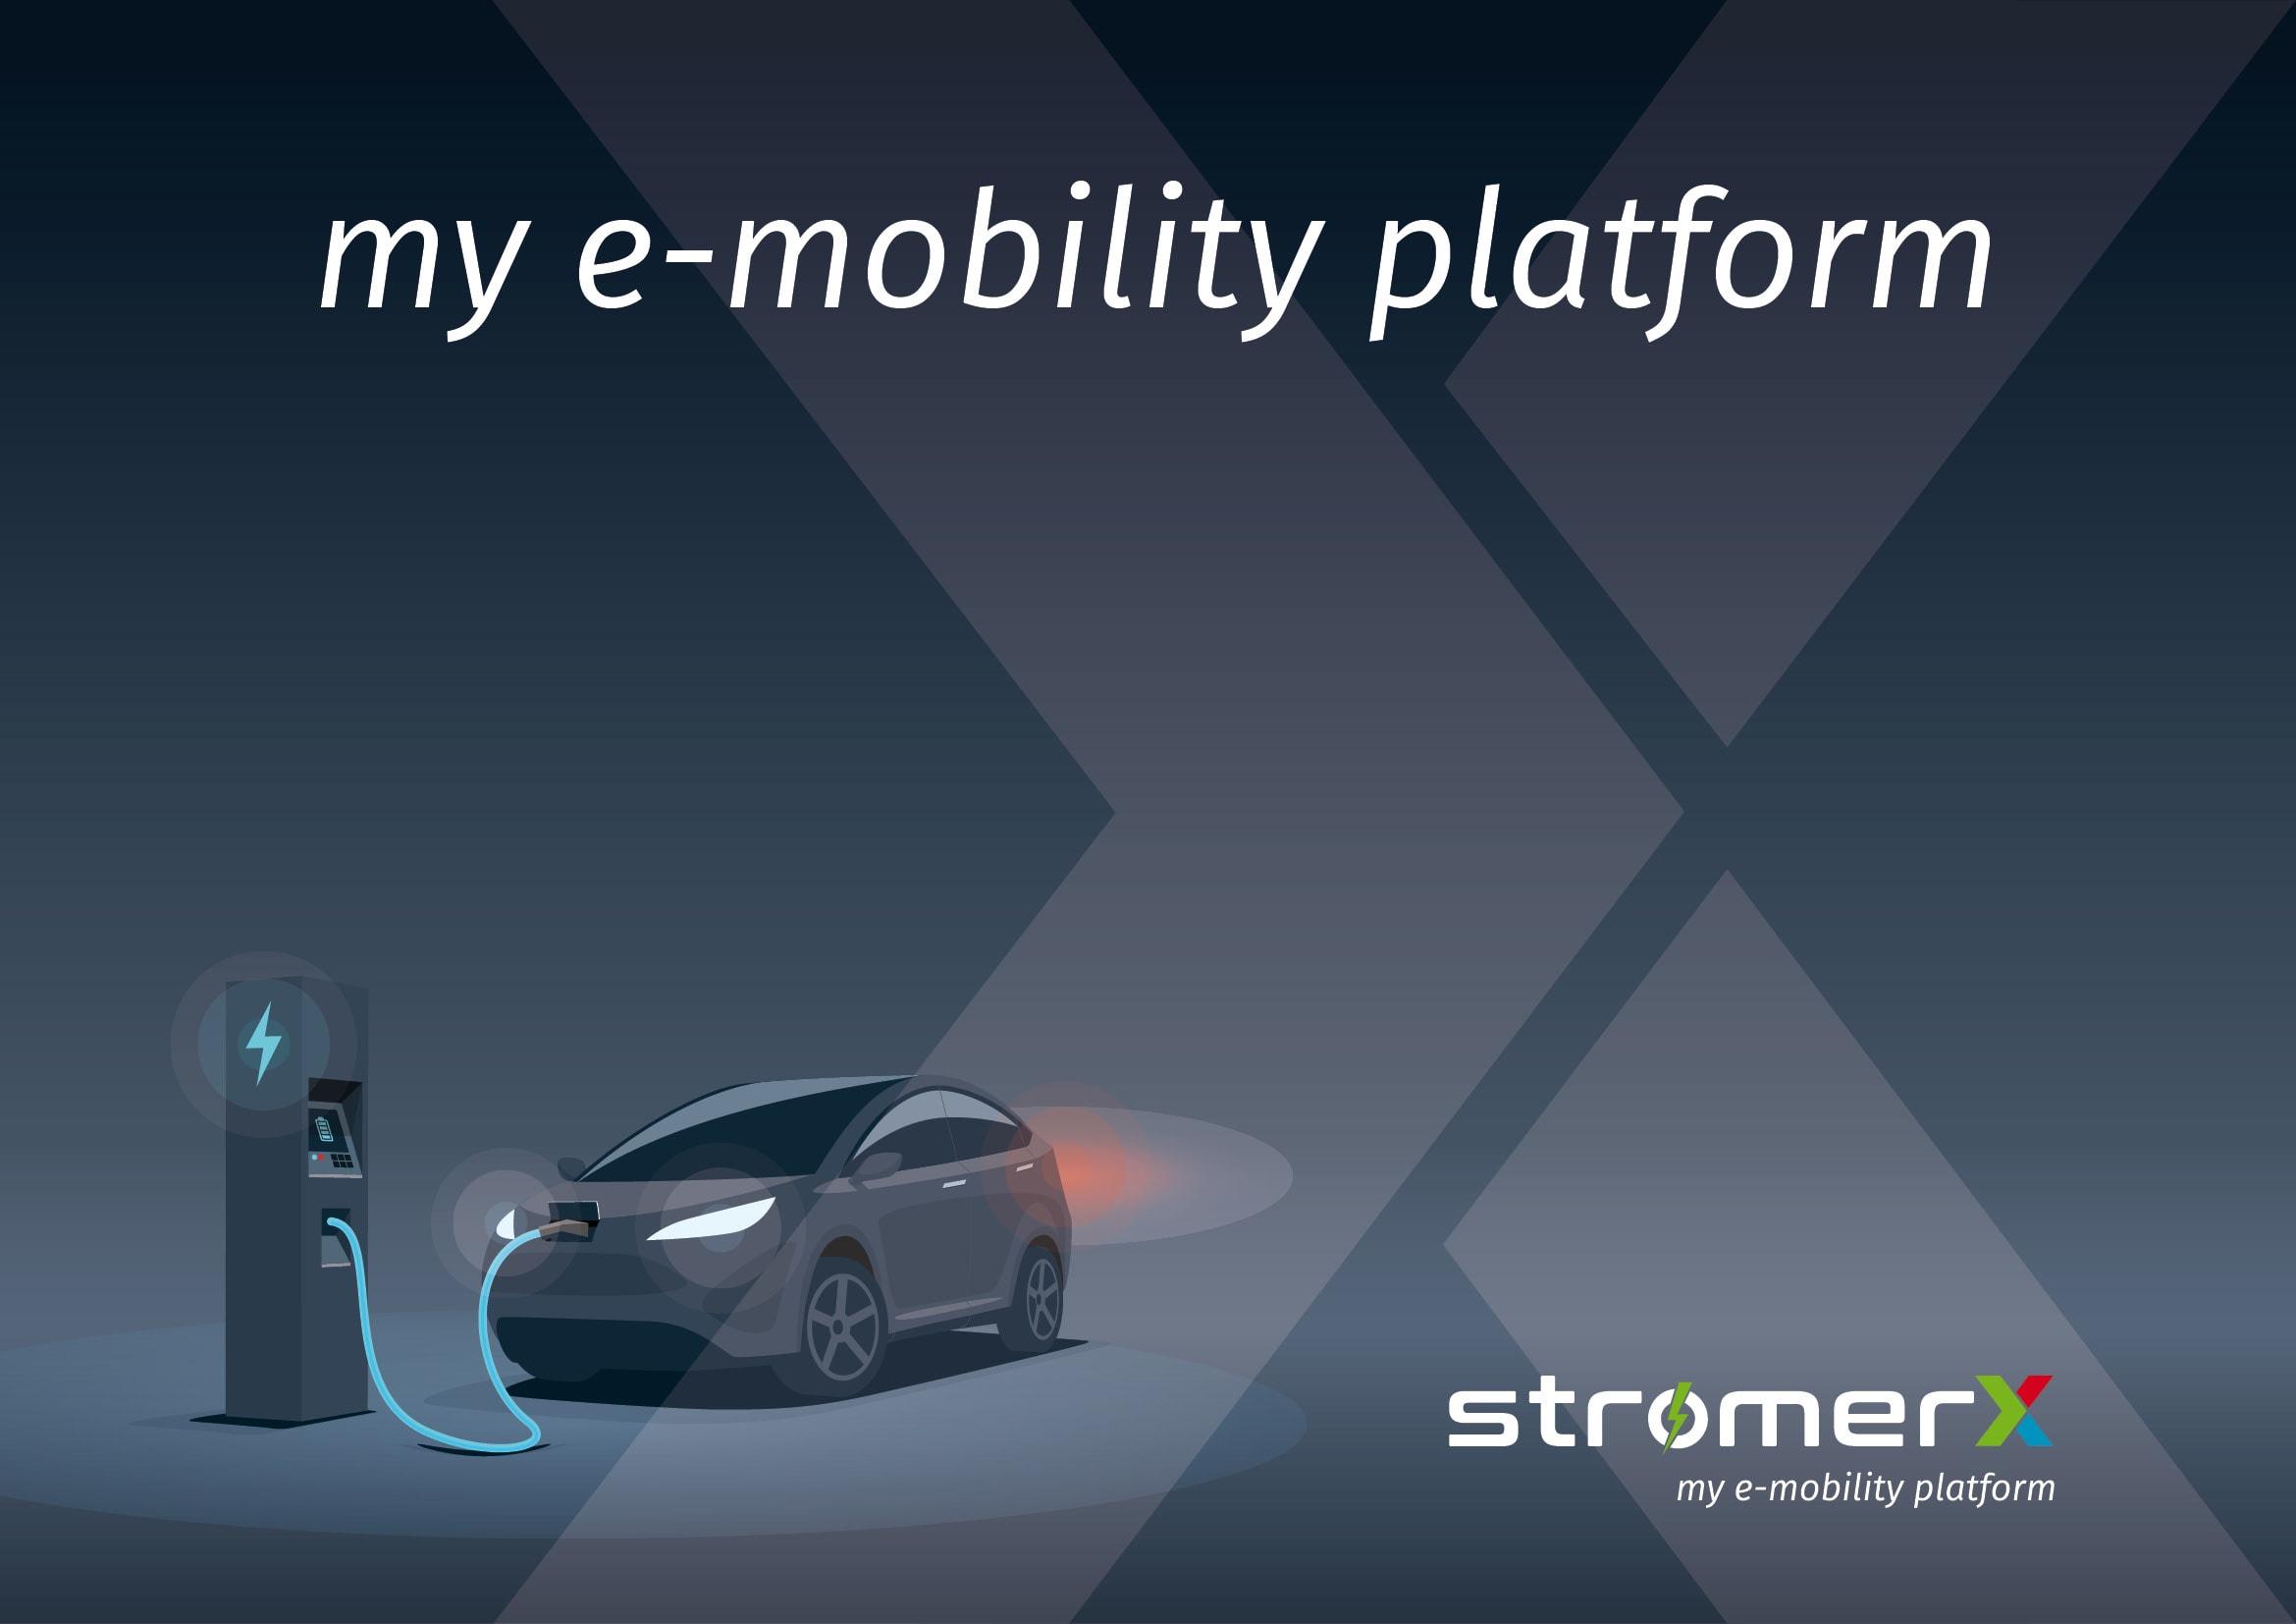 Corporate Design und Homepage Entwicklung StromerX: my e-mobility platform